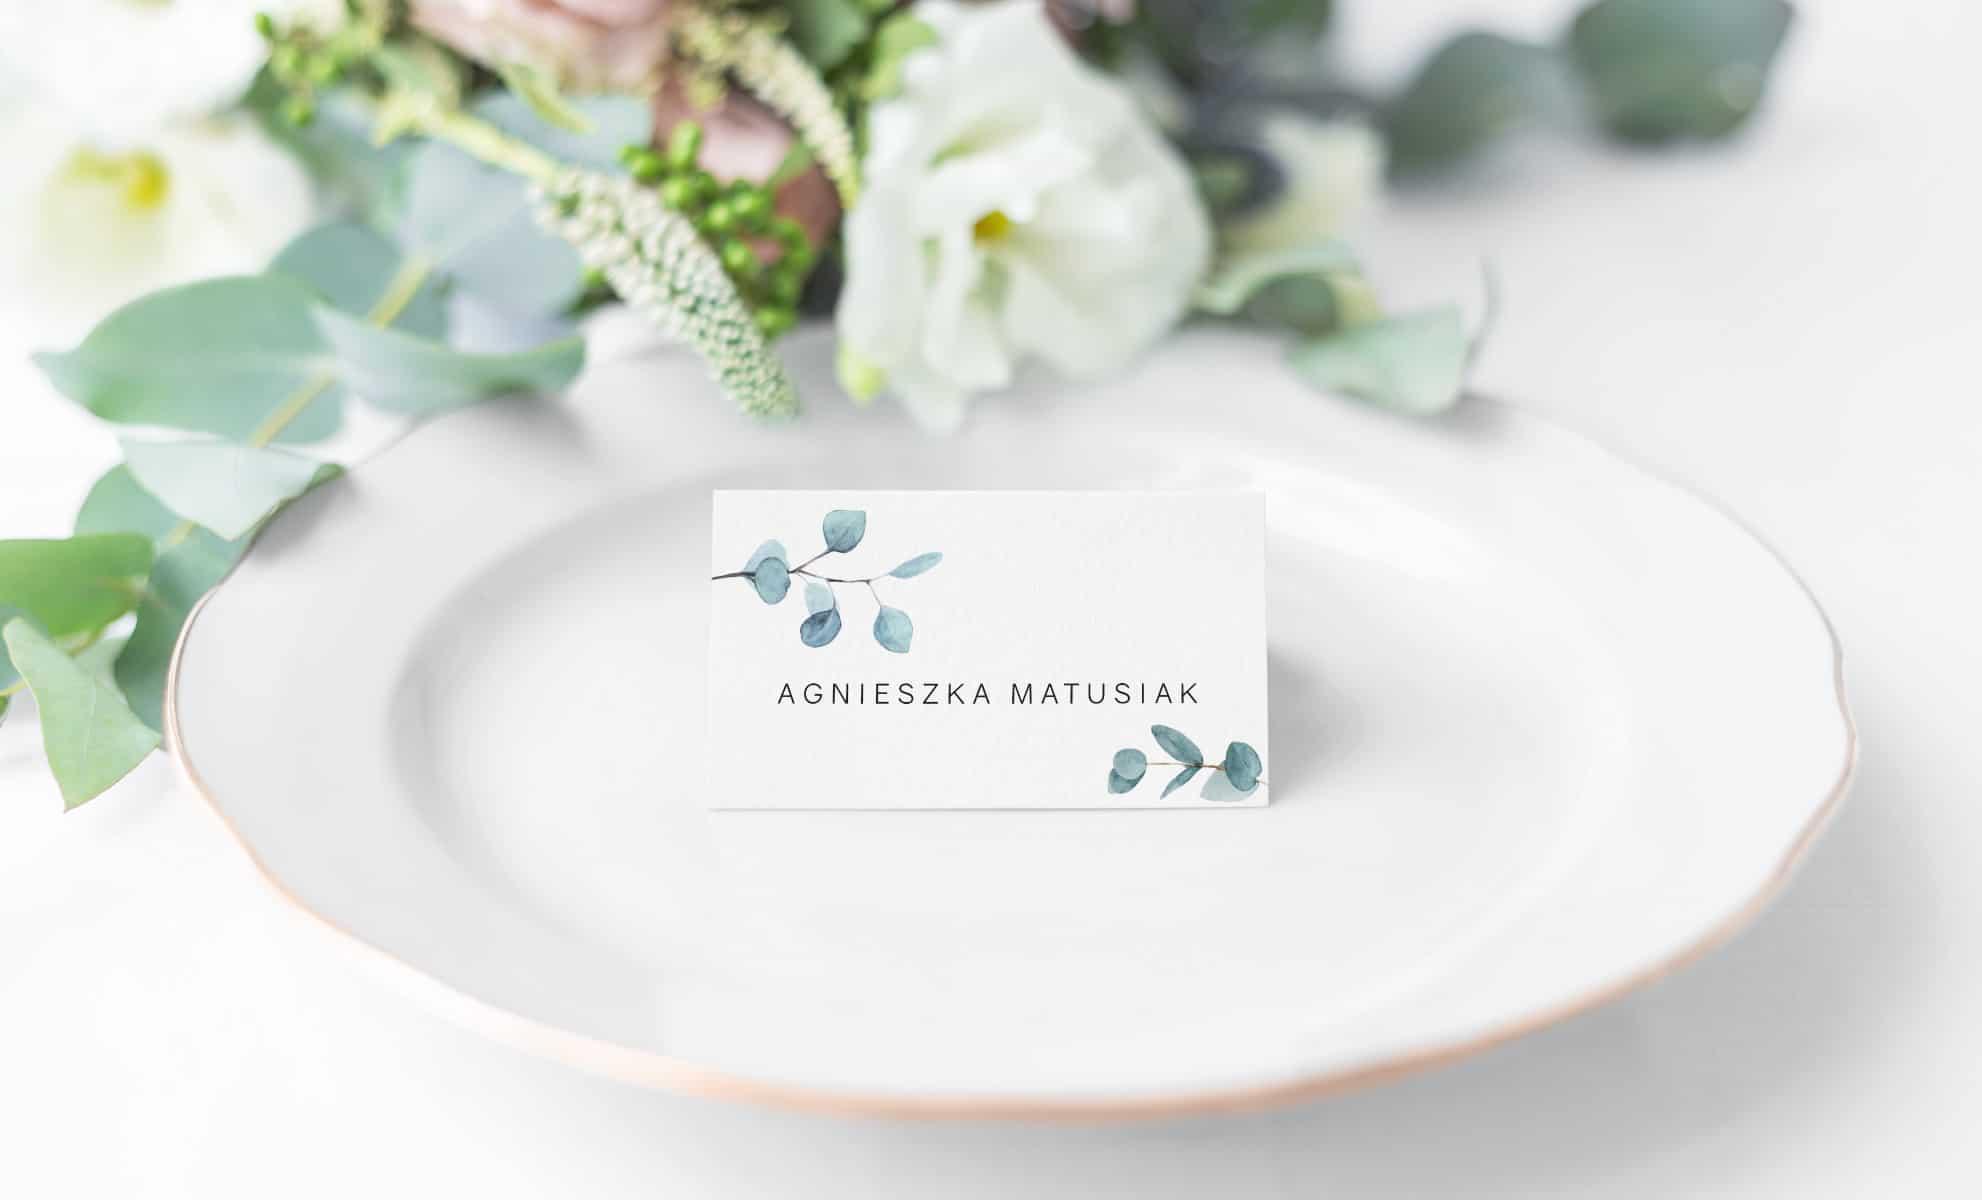 Winietki na stoły weselne z imionami gości i gałązką eukaliptusa